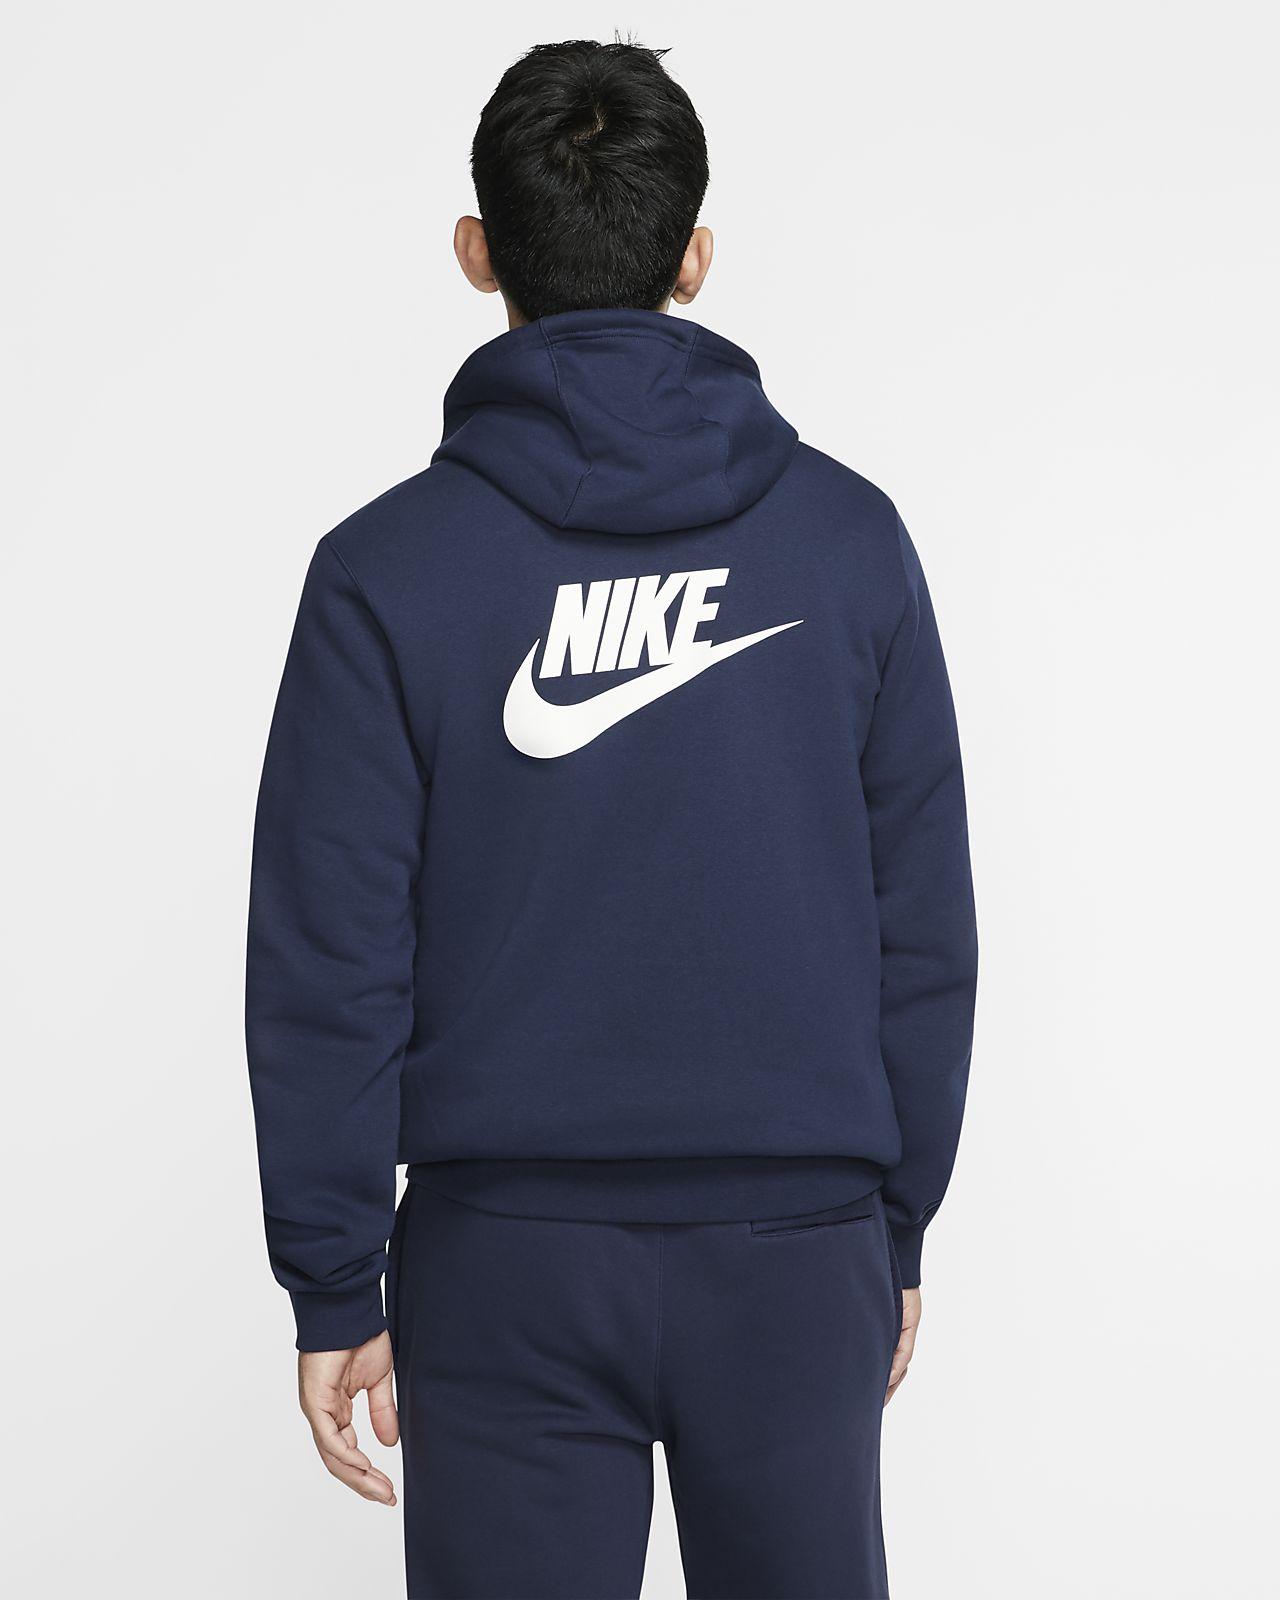 40d0e14ee Nike x Stranger Things Men's Club Hoodie. Nike.com